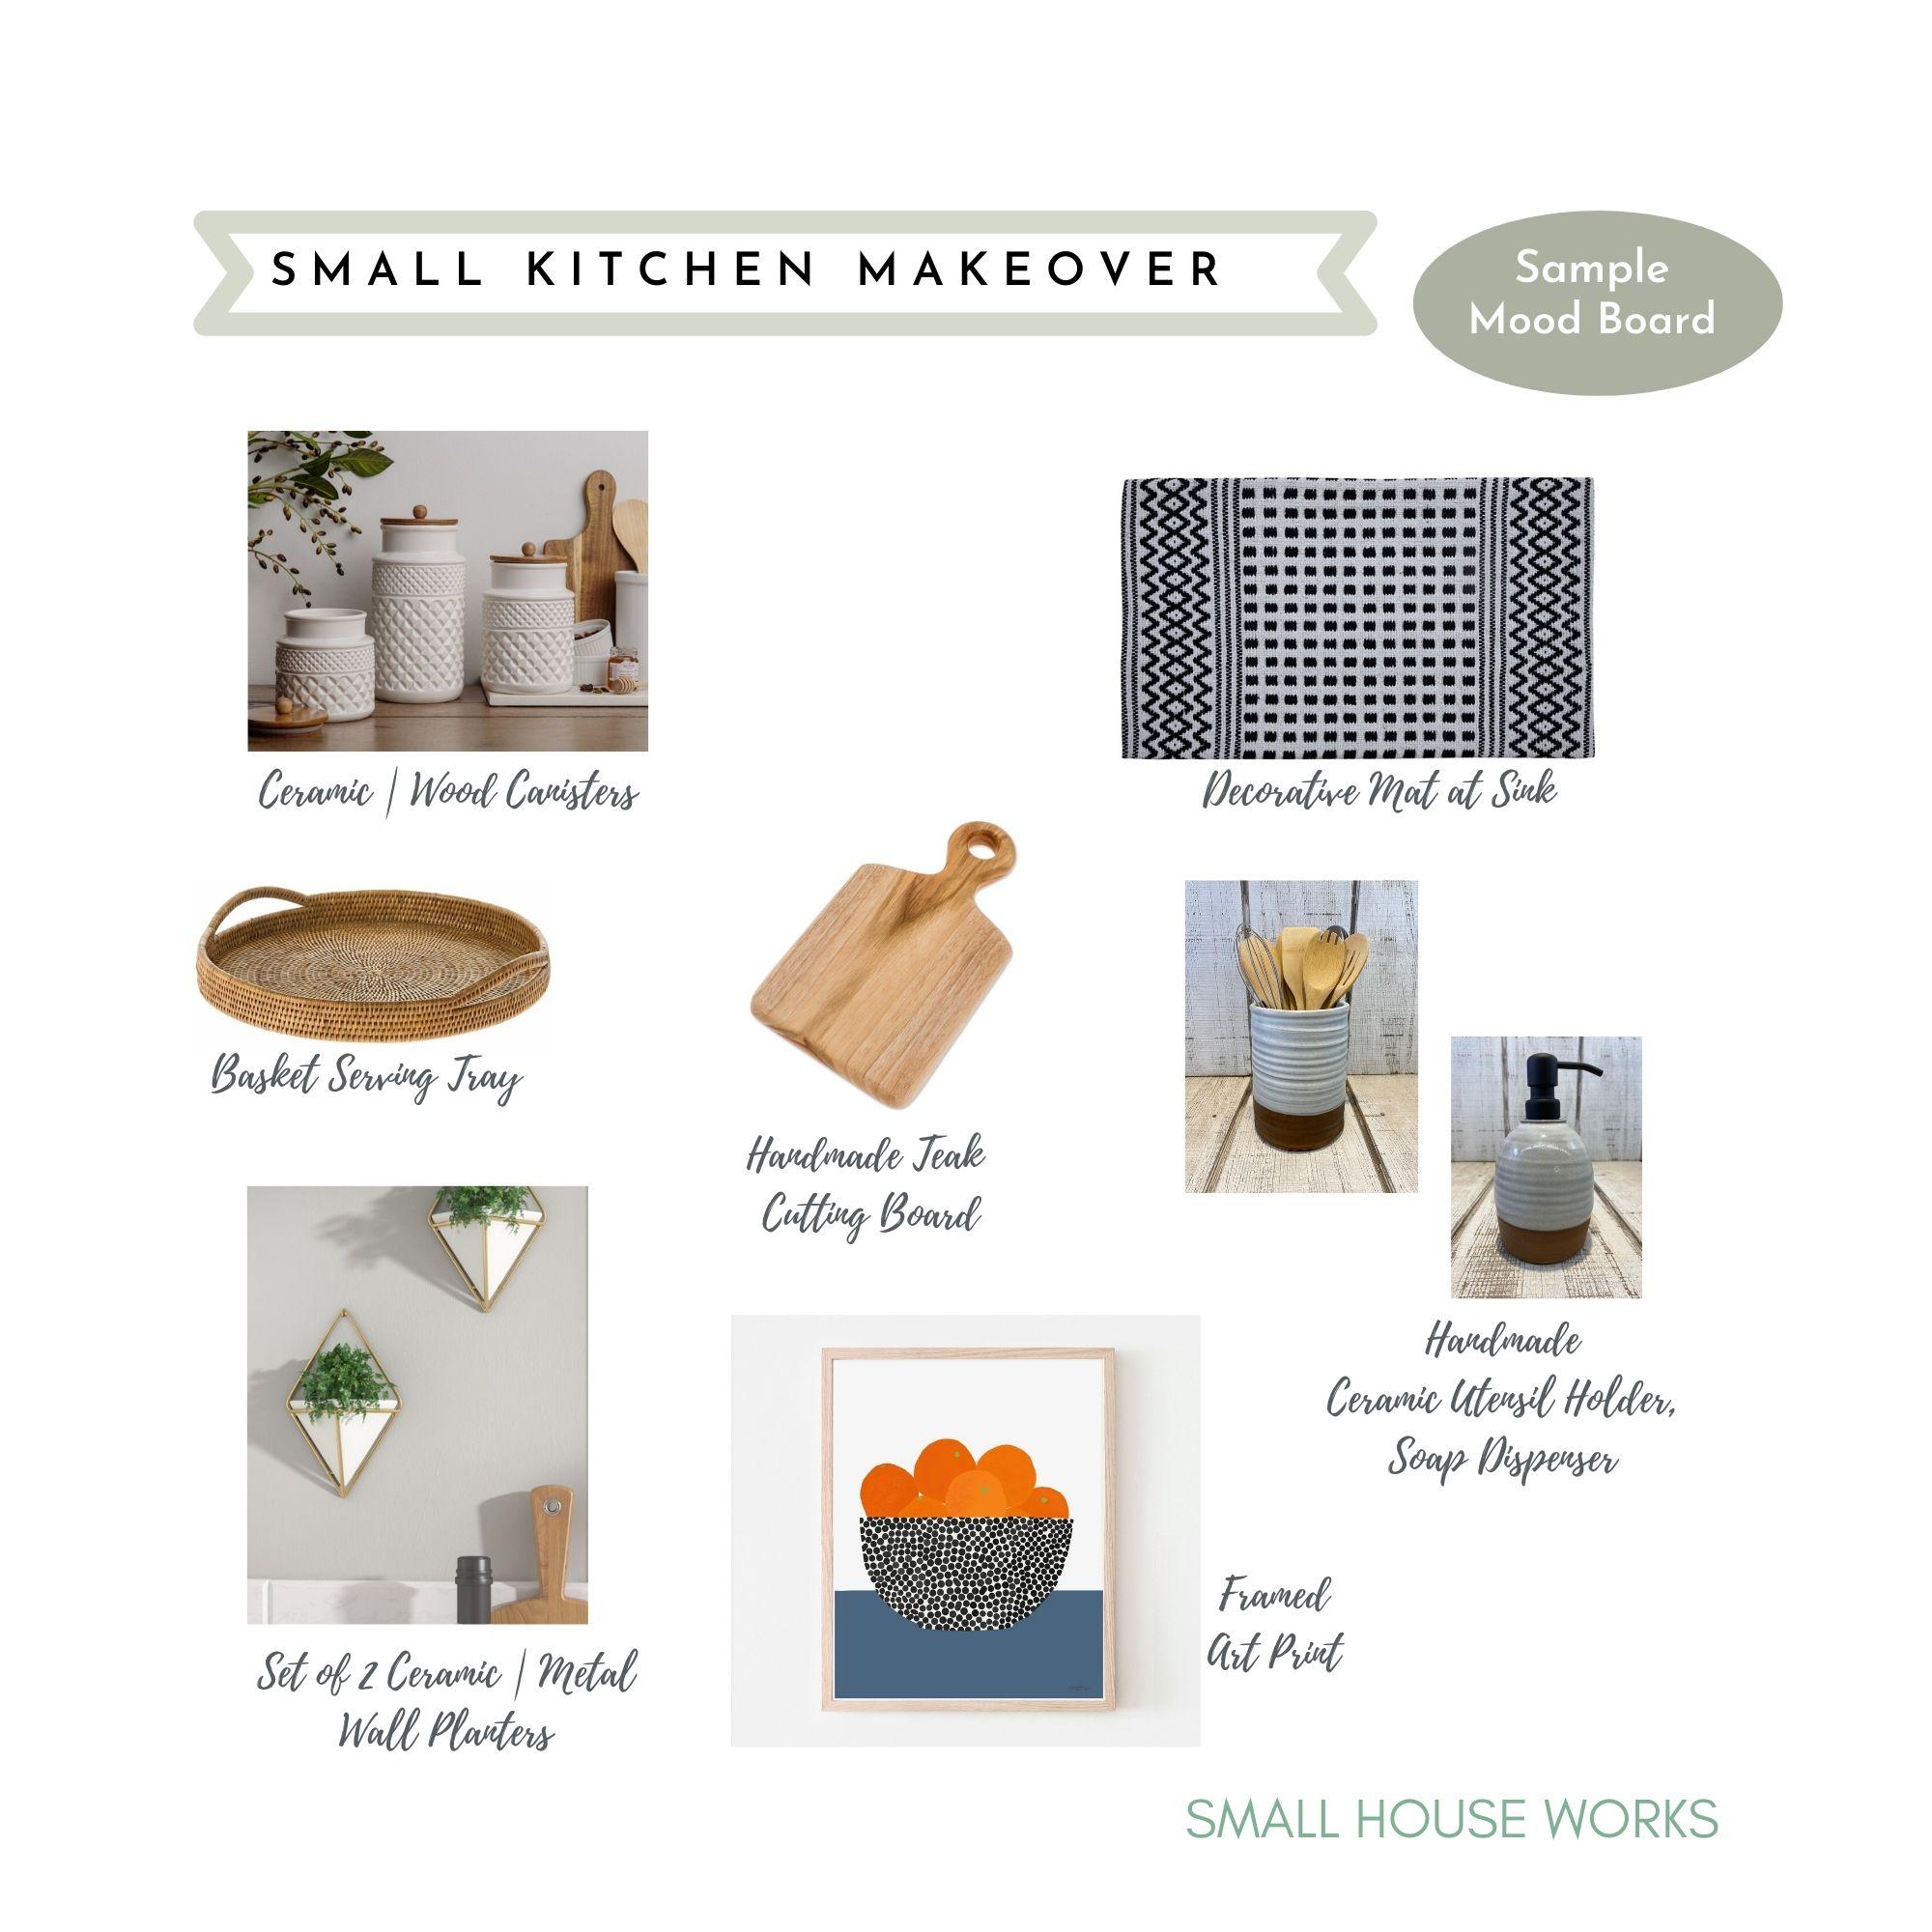 SAMPLE DESIGN|MOOD BOARD- DECOR FOR SMALL KITCHEN MAKEOVER